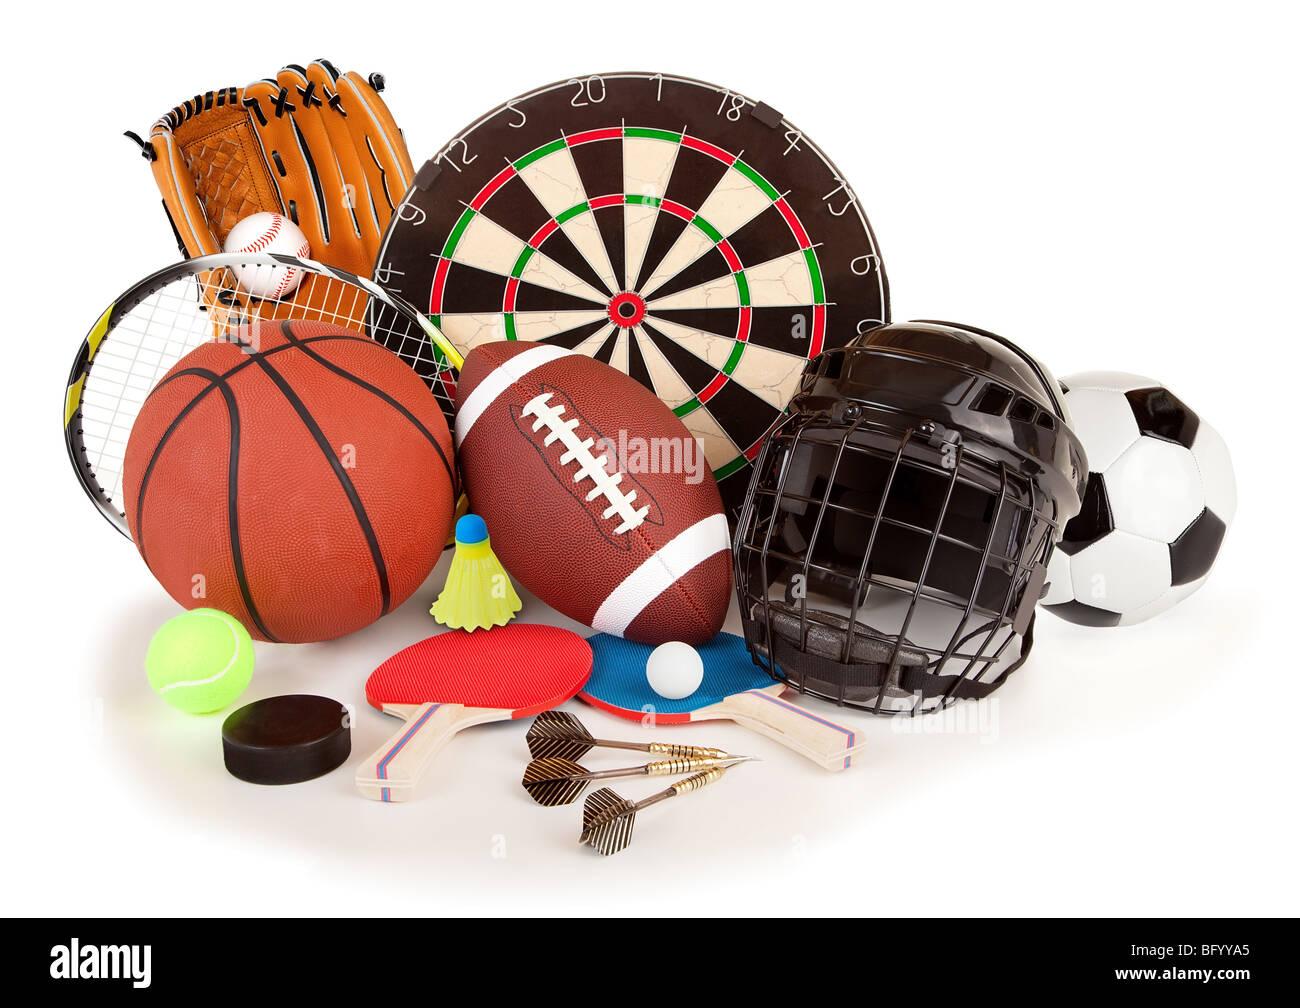 Questa è una disposizione di vari articoli sportivi. Immagini Stock